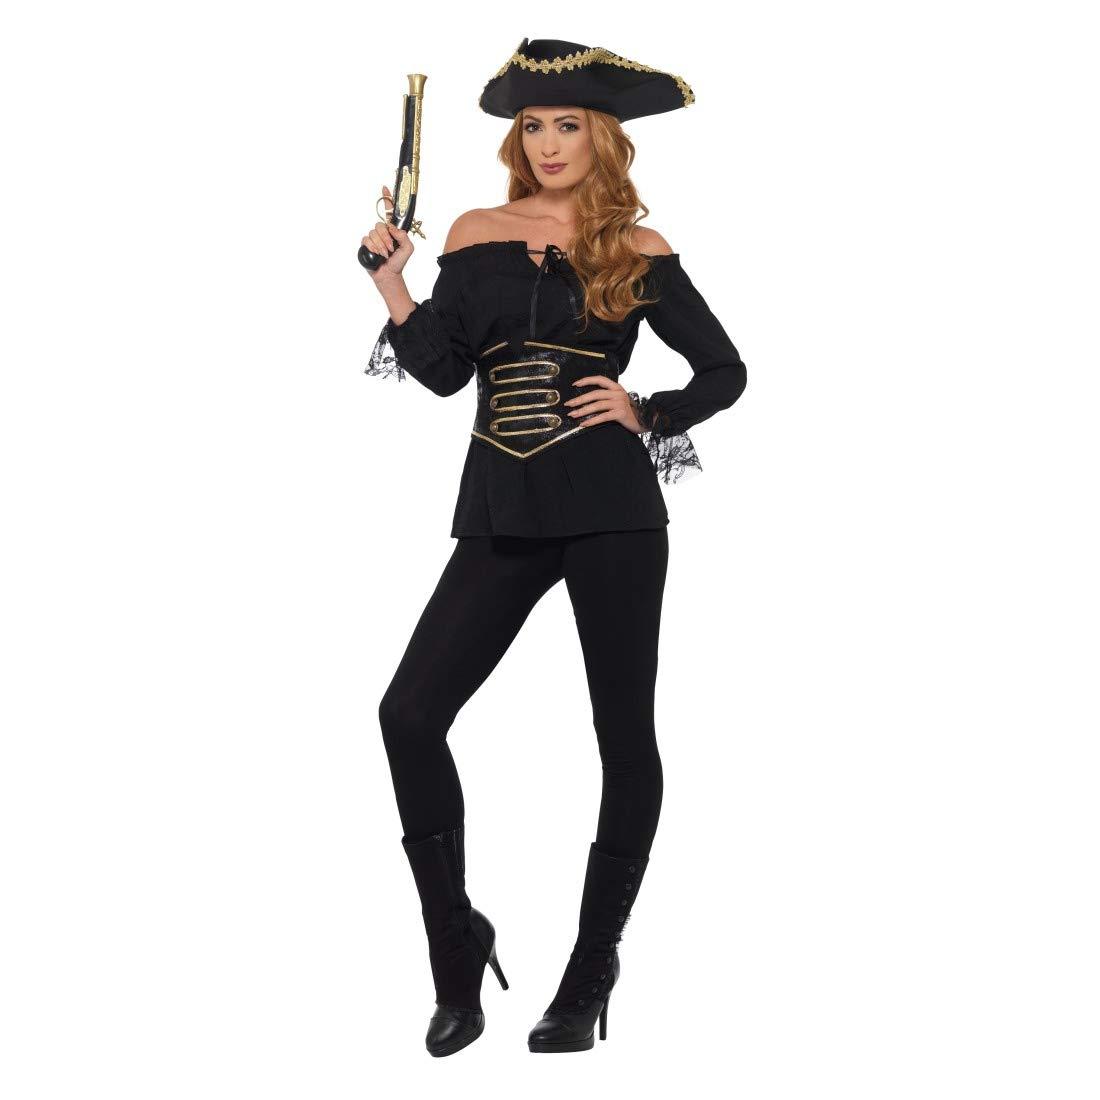 NET TOYS Camisa de Pirata para Dama | Negro en Talla M (ES 40/42) | Llamativo Outfit de Pirata para Mujer Fiestas de Pirata y Fiestas temáticas: Amazon.es: Juguetes y juegos